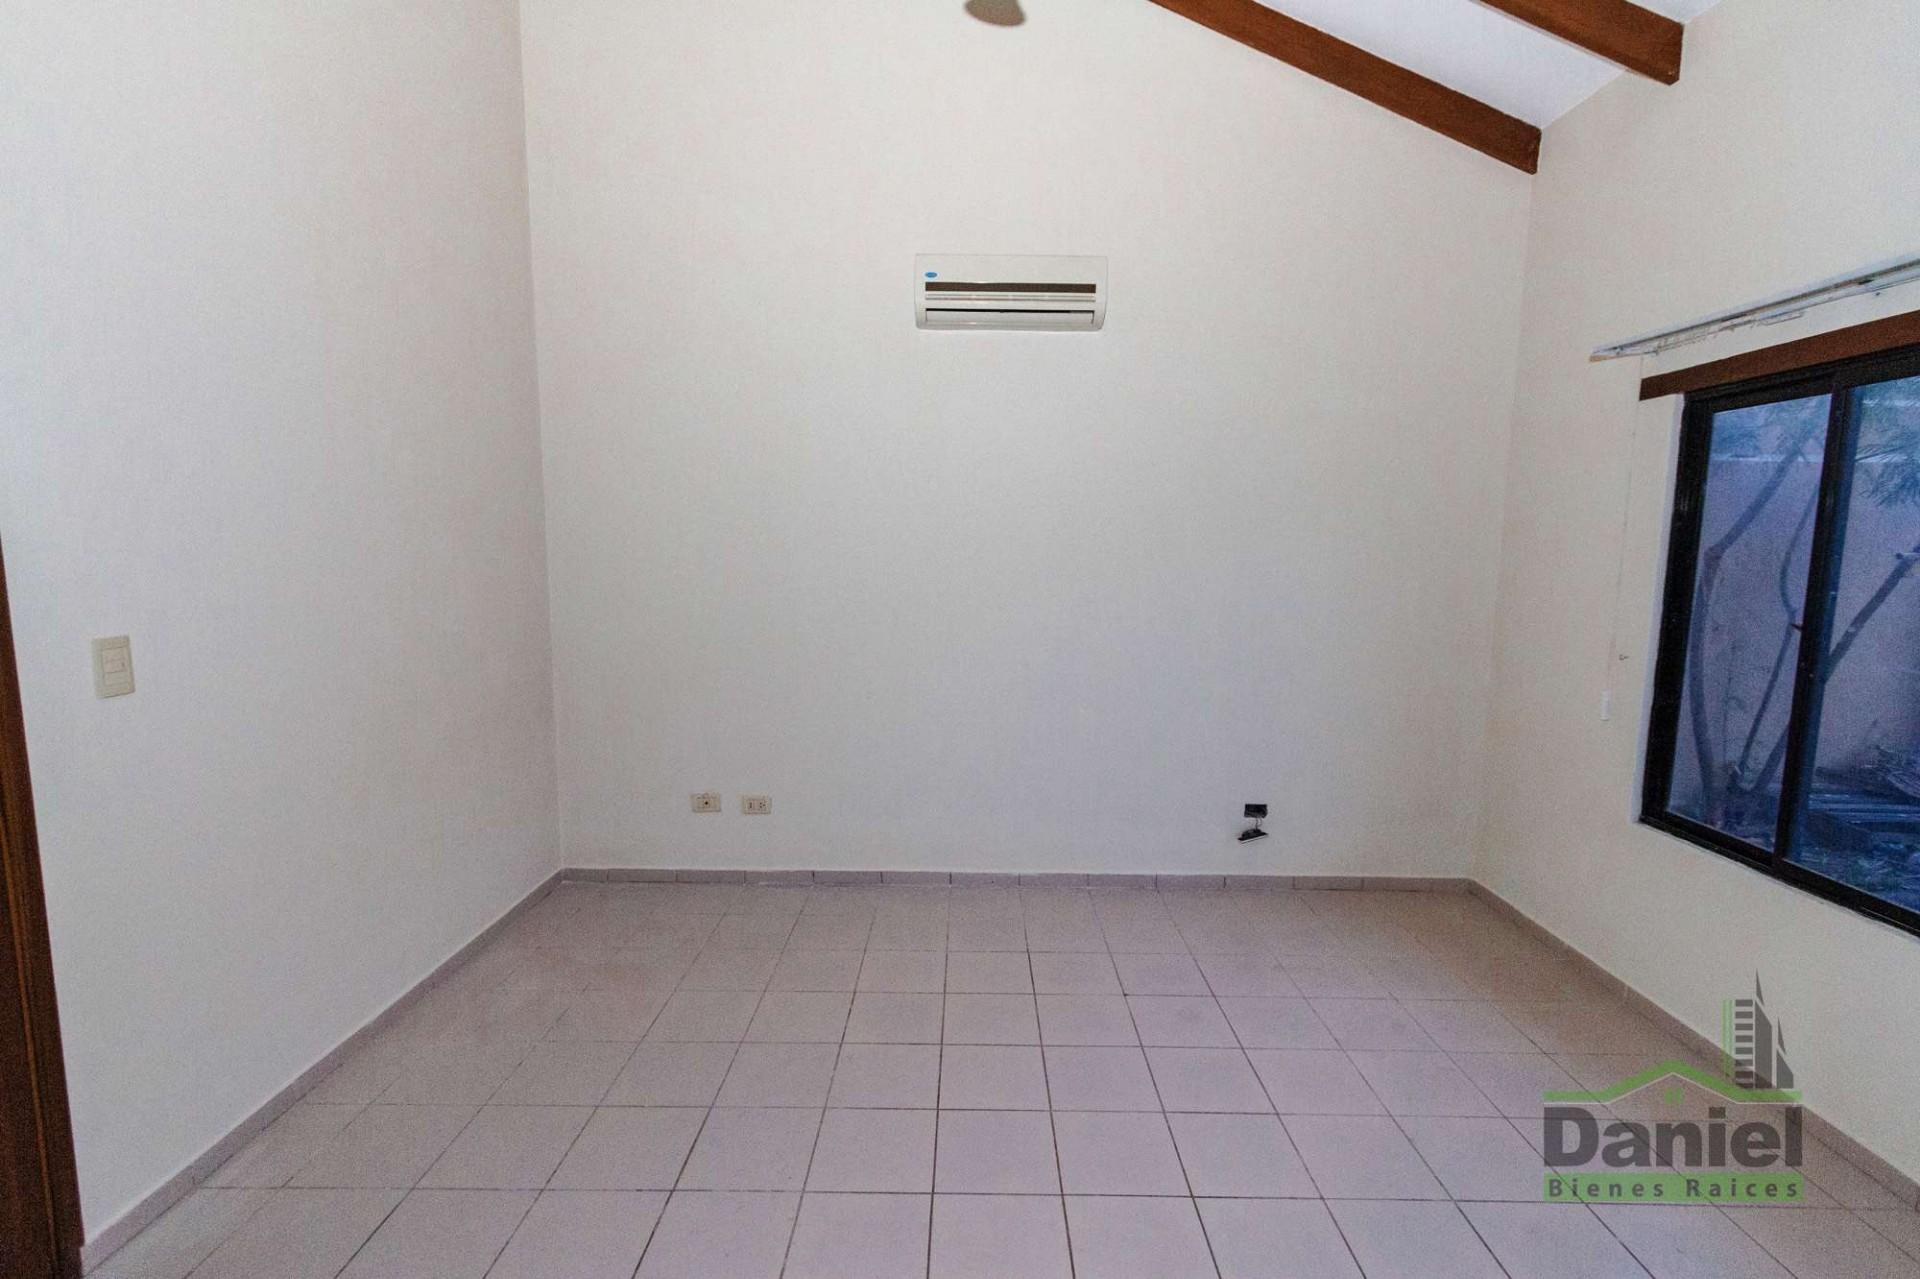 Casa en Venta CASA GRANDE ENTRE 4TO Y 5TO ANILLO RADIAL 27 Foto 6